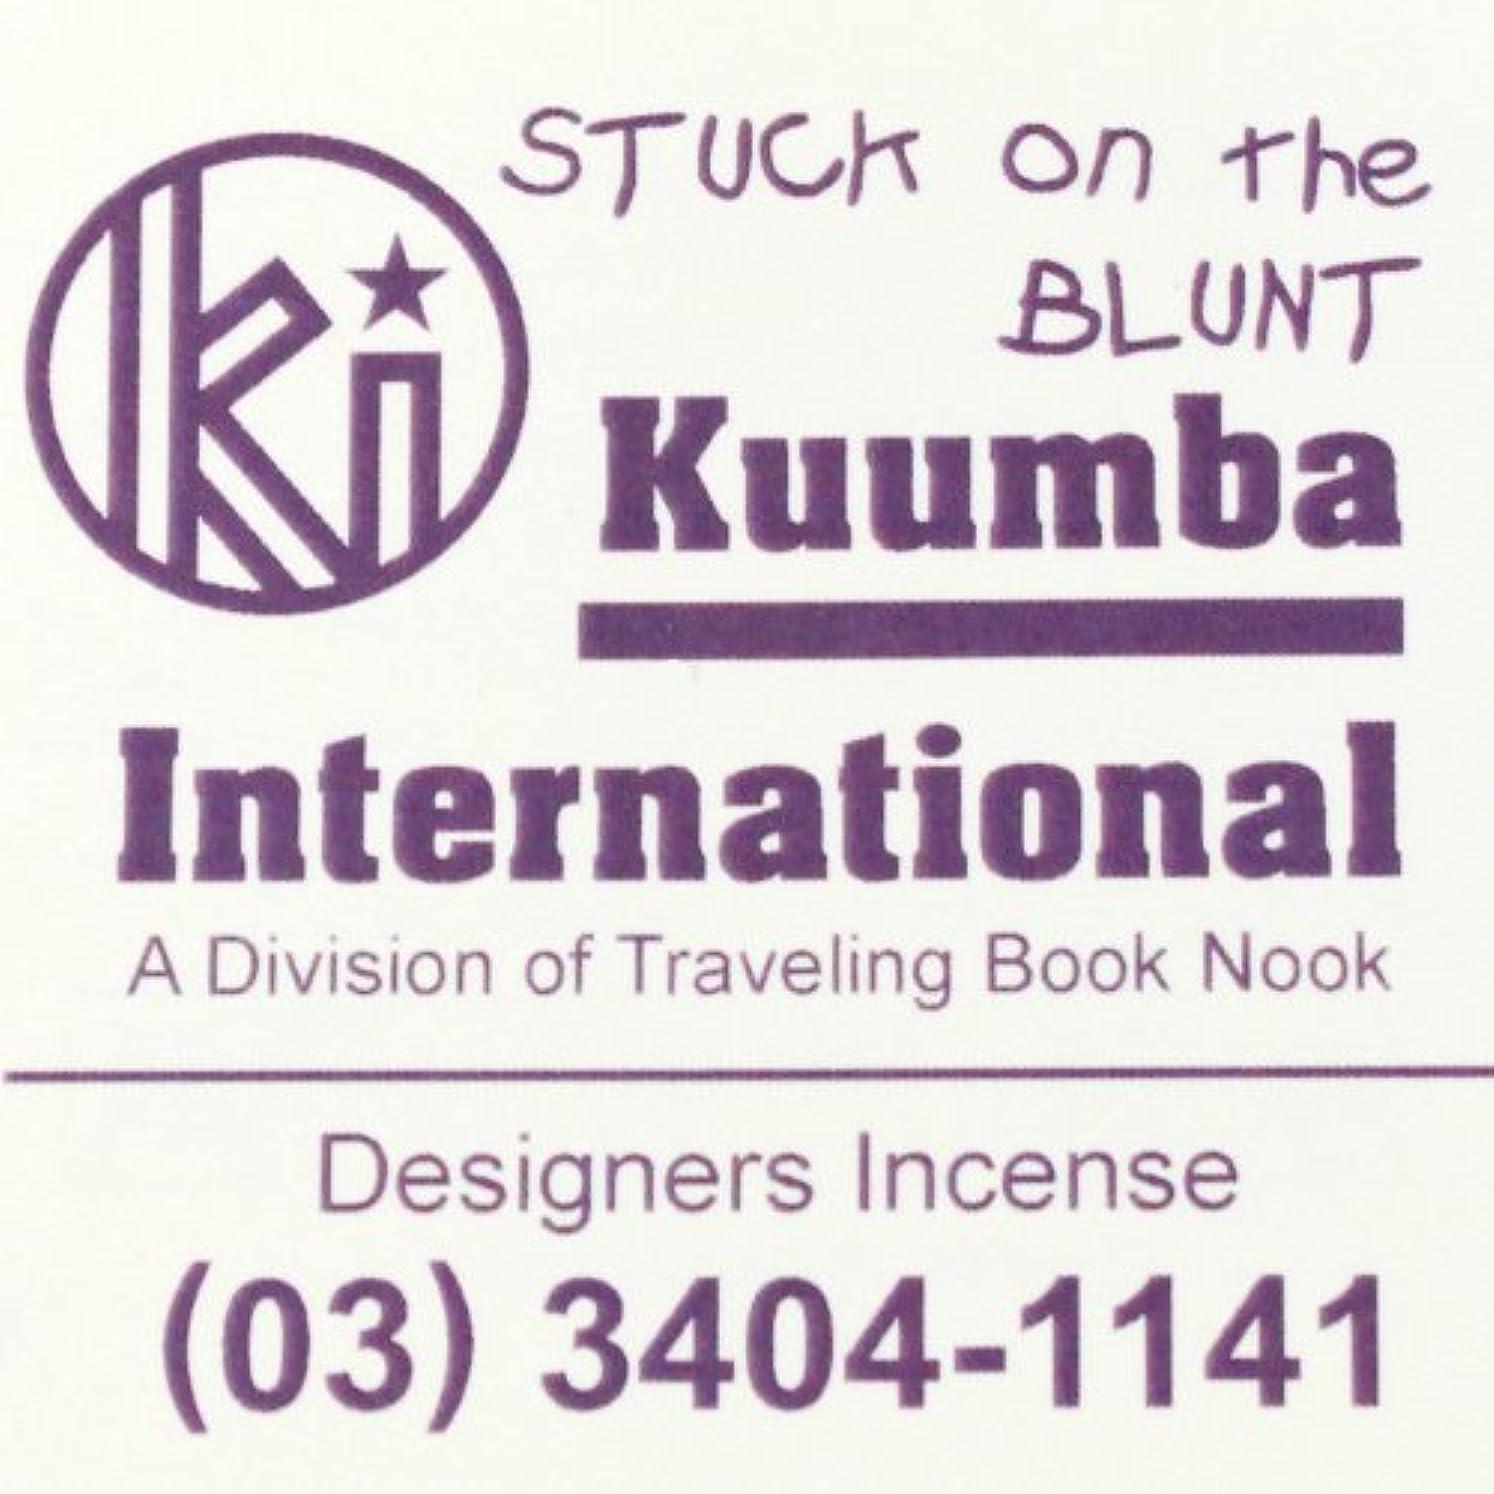 肉屋呼吸暫定(クンバ) KUUMBA『incense』(STUCK on the BLUNT) (Regular size)